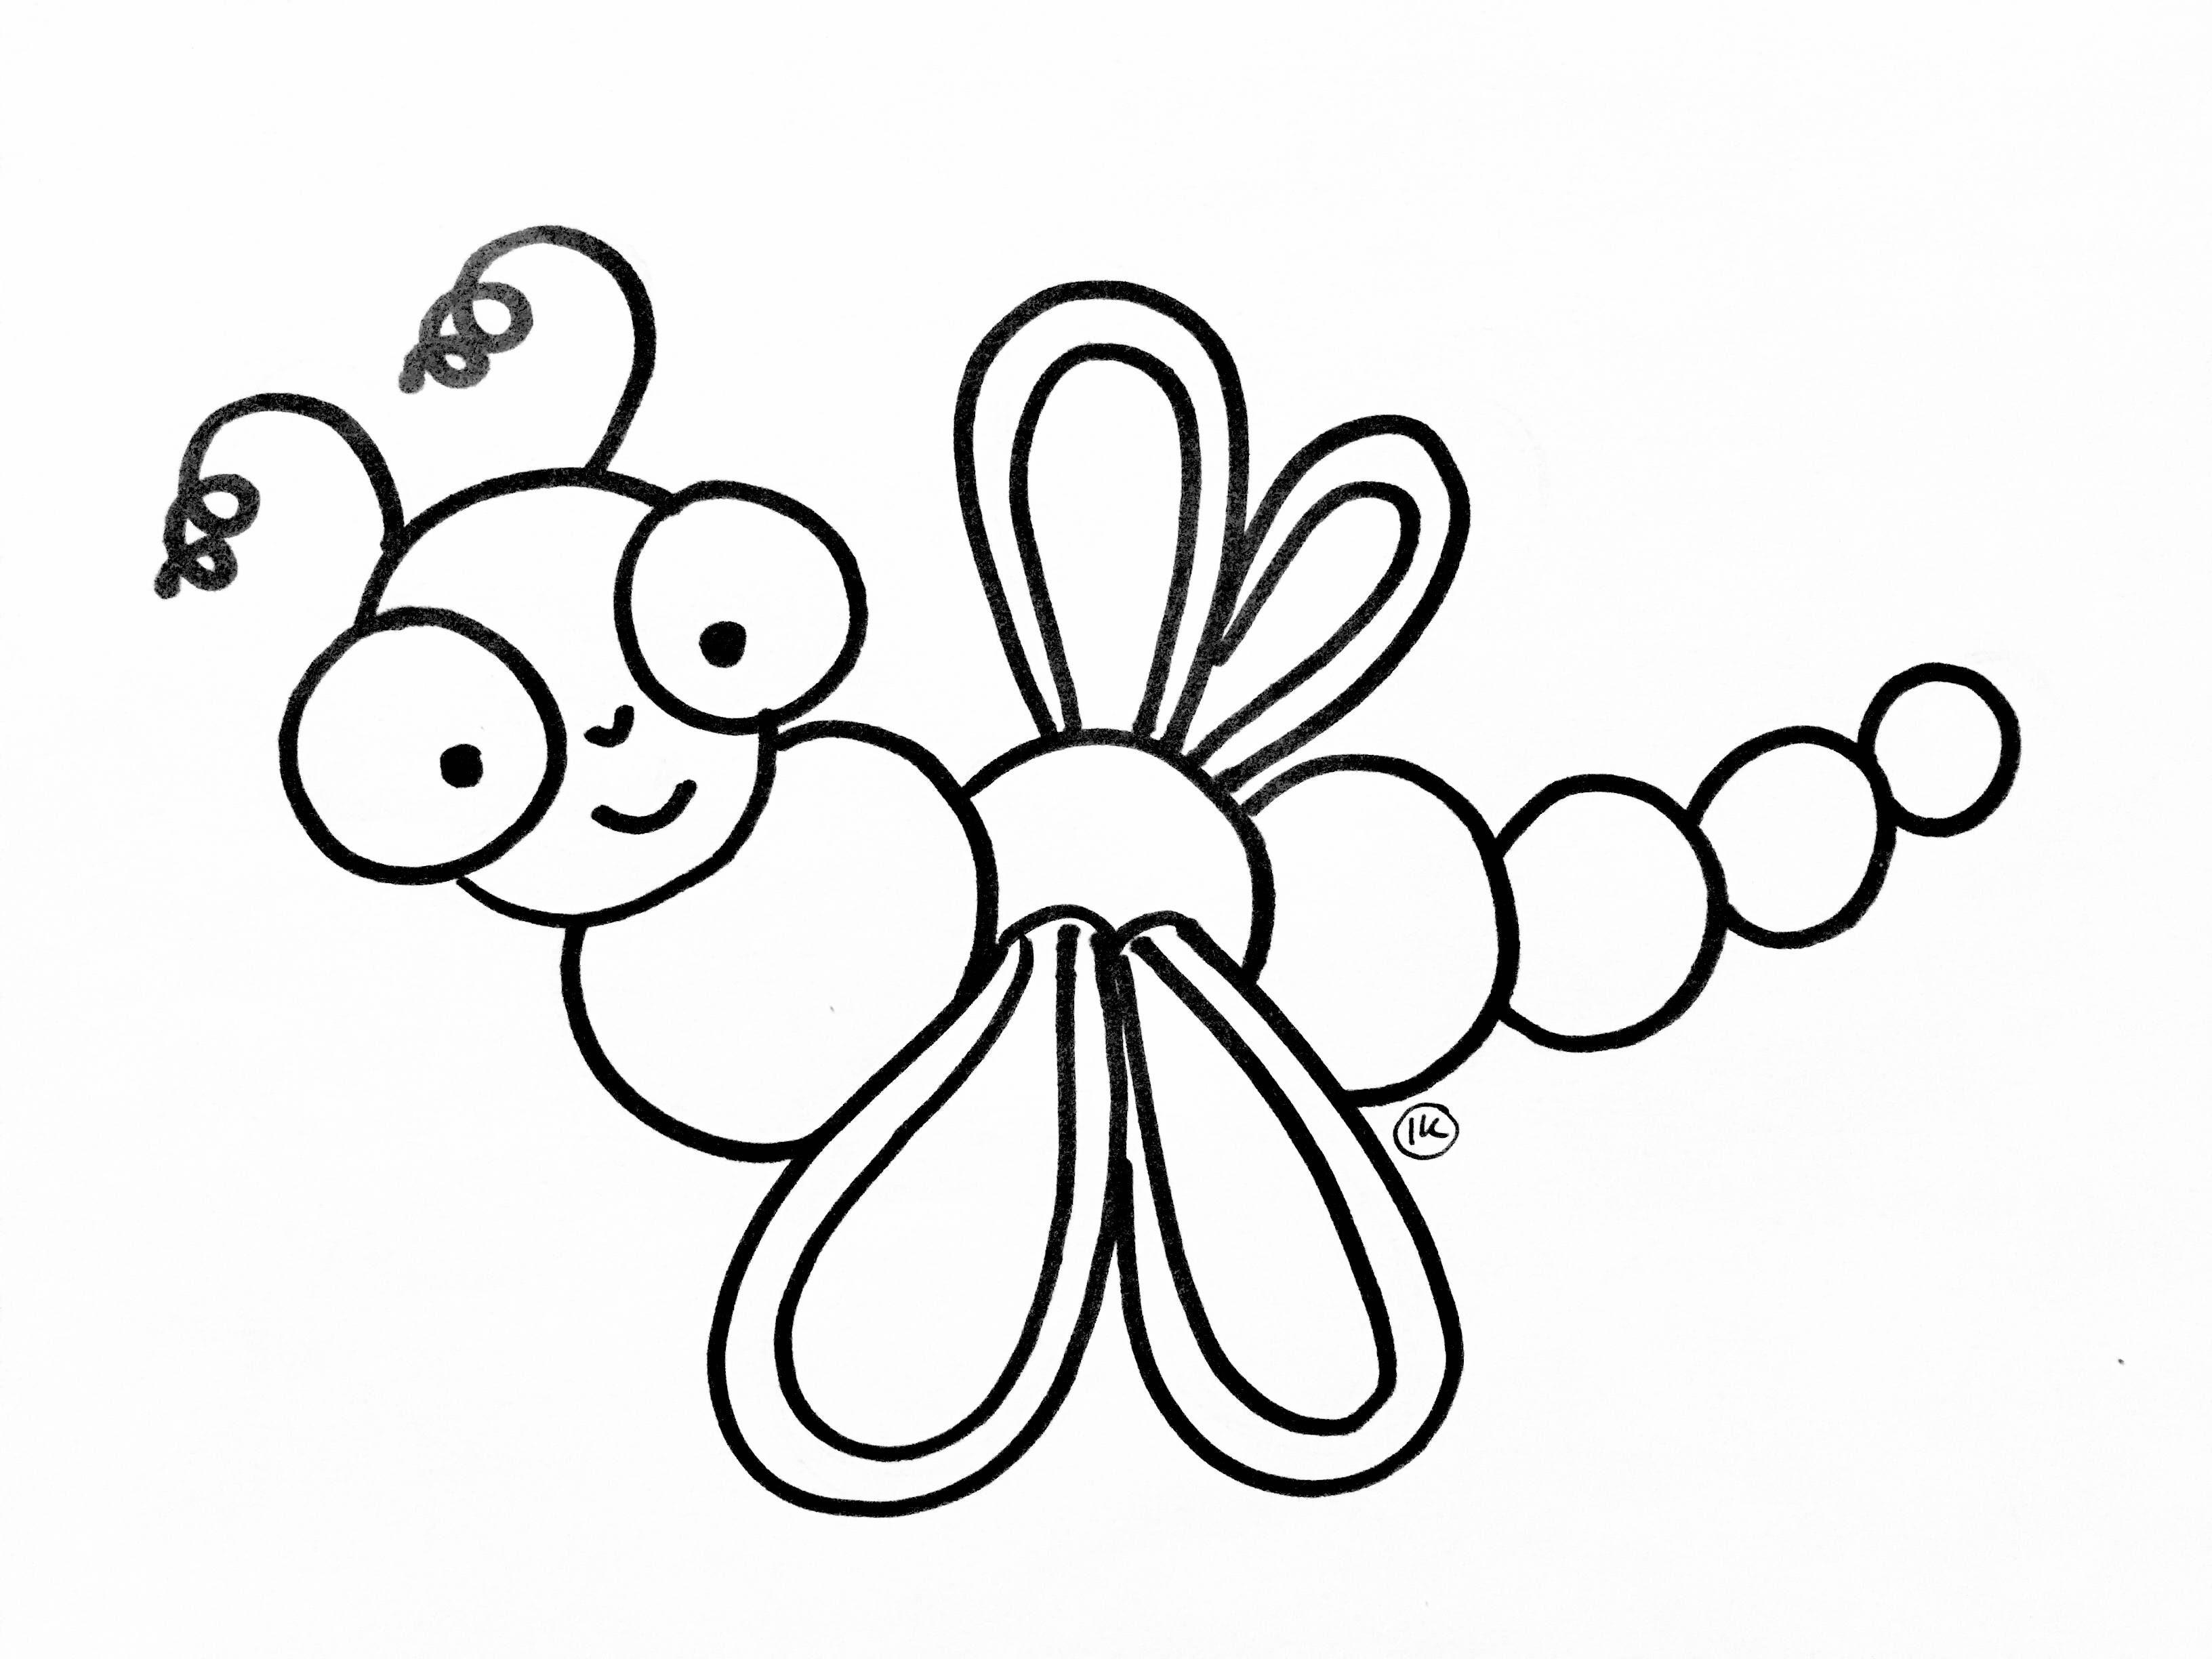 Kleurplaten Kriebelbeestjes Kleurplaat Kleine Beestjes Kleurplaten Kriebelbeestjes Kleurplaten Tekenprojecten Beestjes